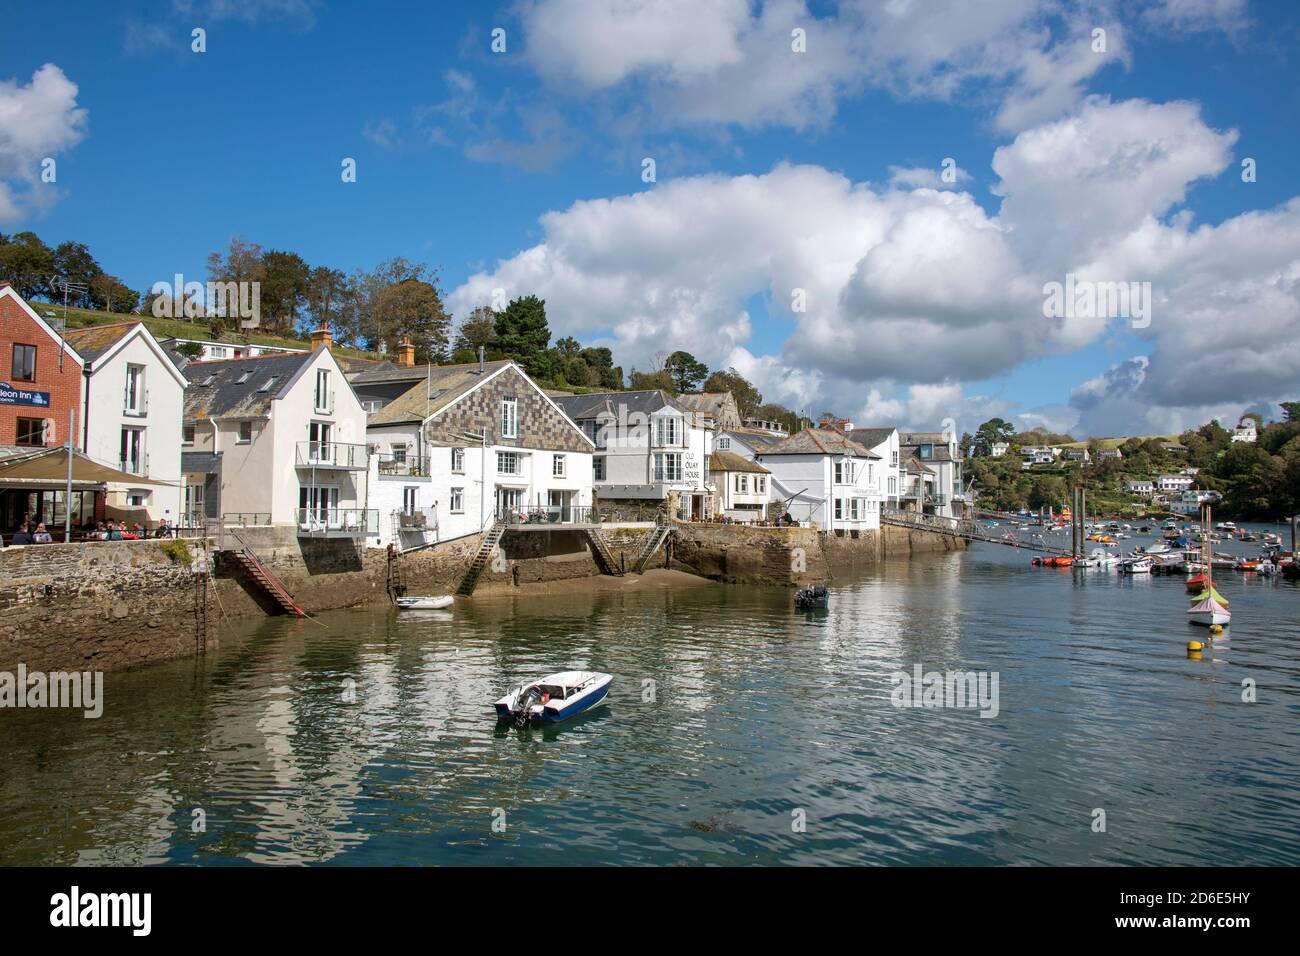 Vue pittoresque des bâtiments au bord de la rivière Fowey Cornwall Angleterre Banque D'Images